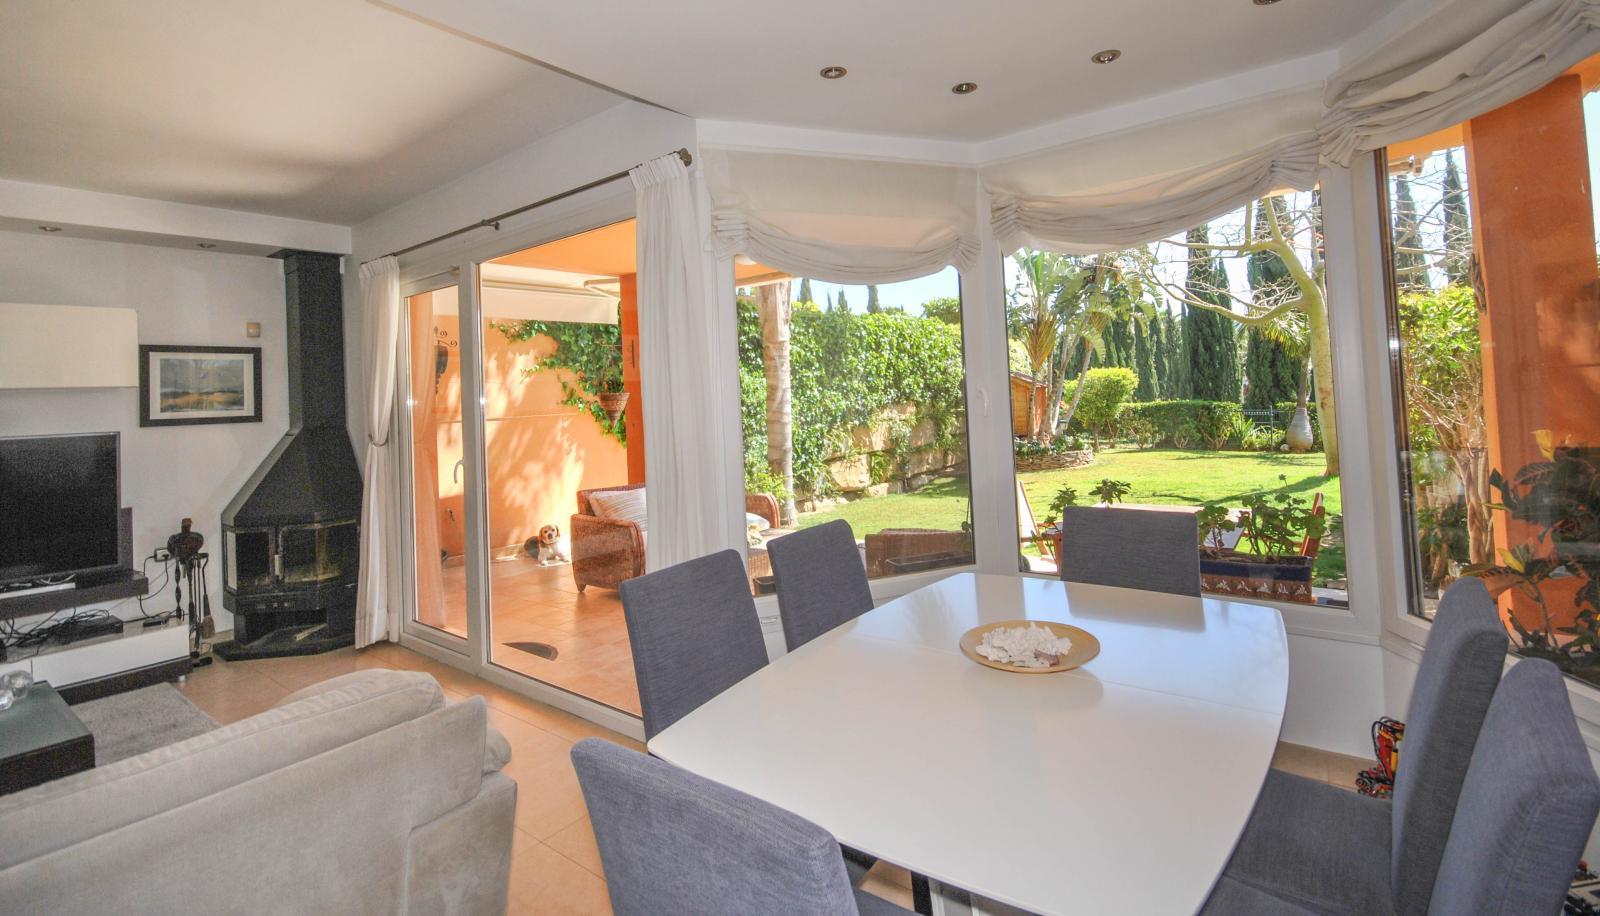 Properties on the beach in Spain - SpainHouses net